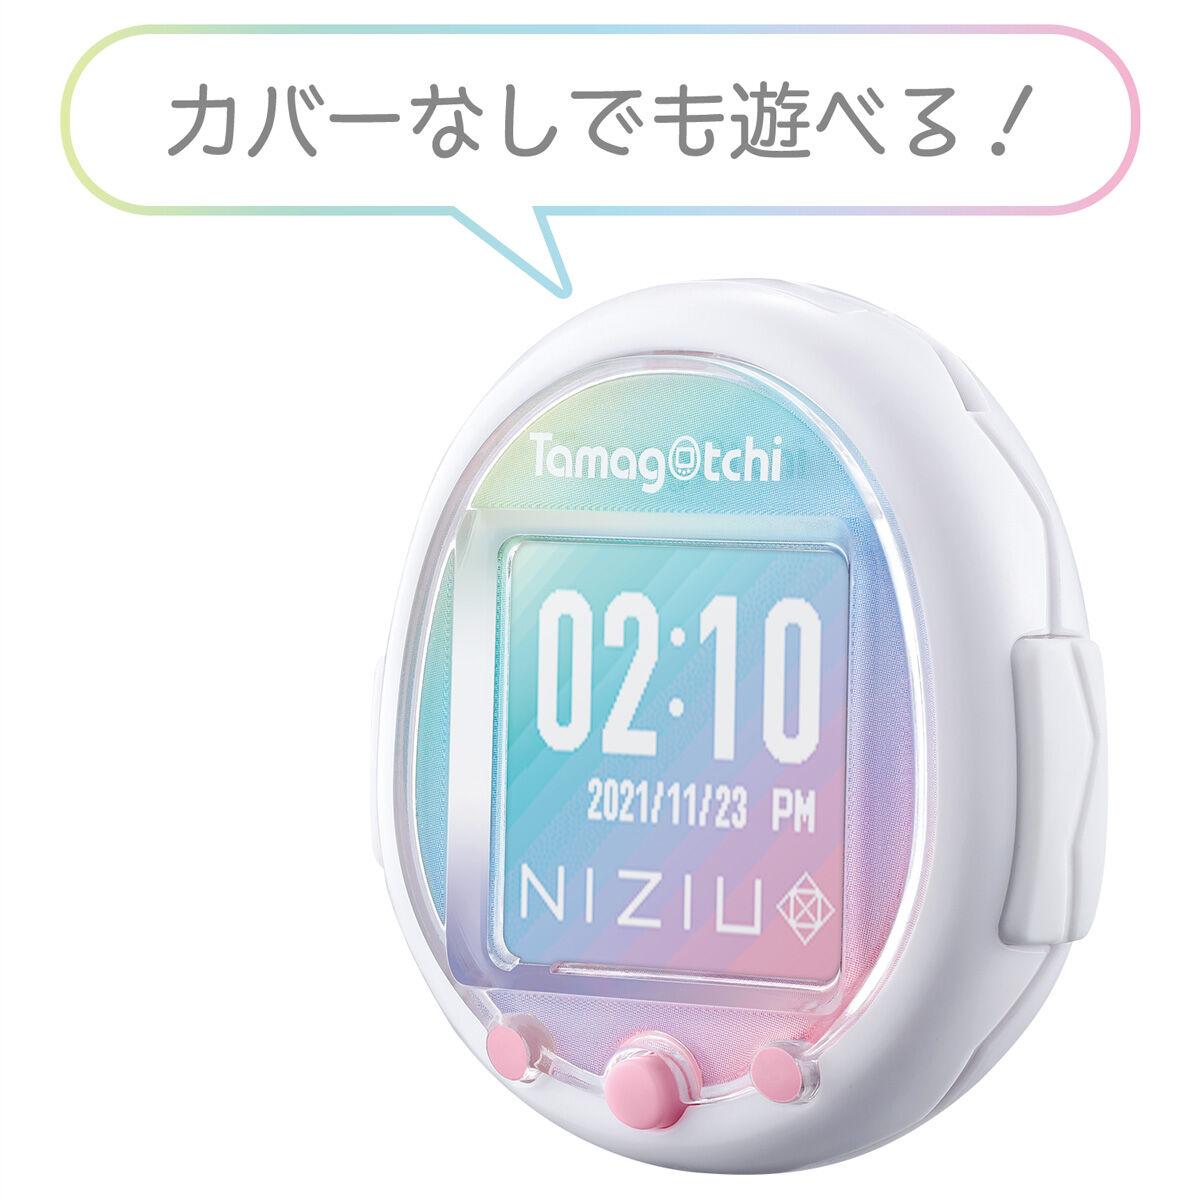 たまごっちスマート『Tamagotchi Smart NiziUスペシャルセット』たまごっち-007